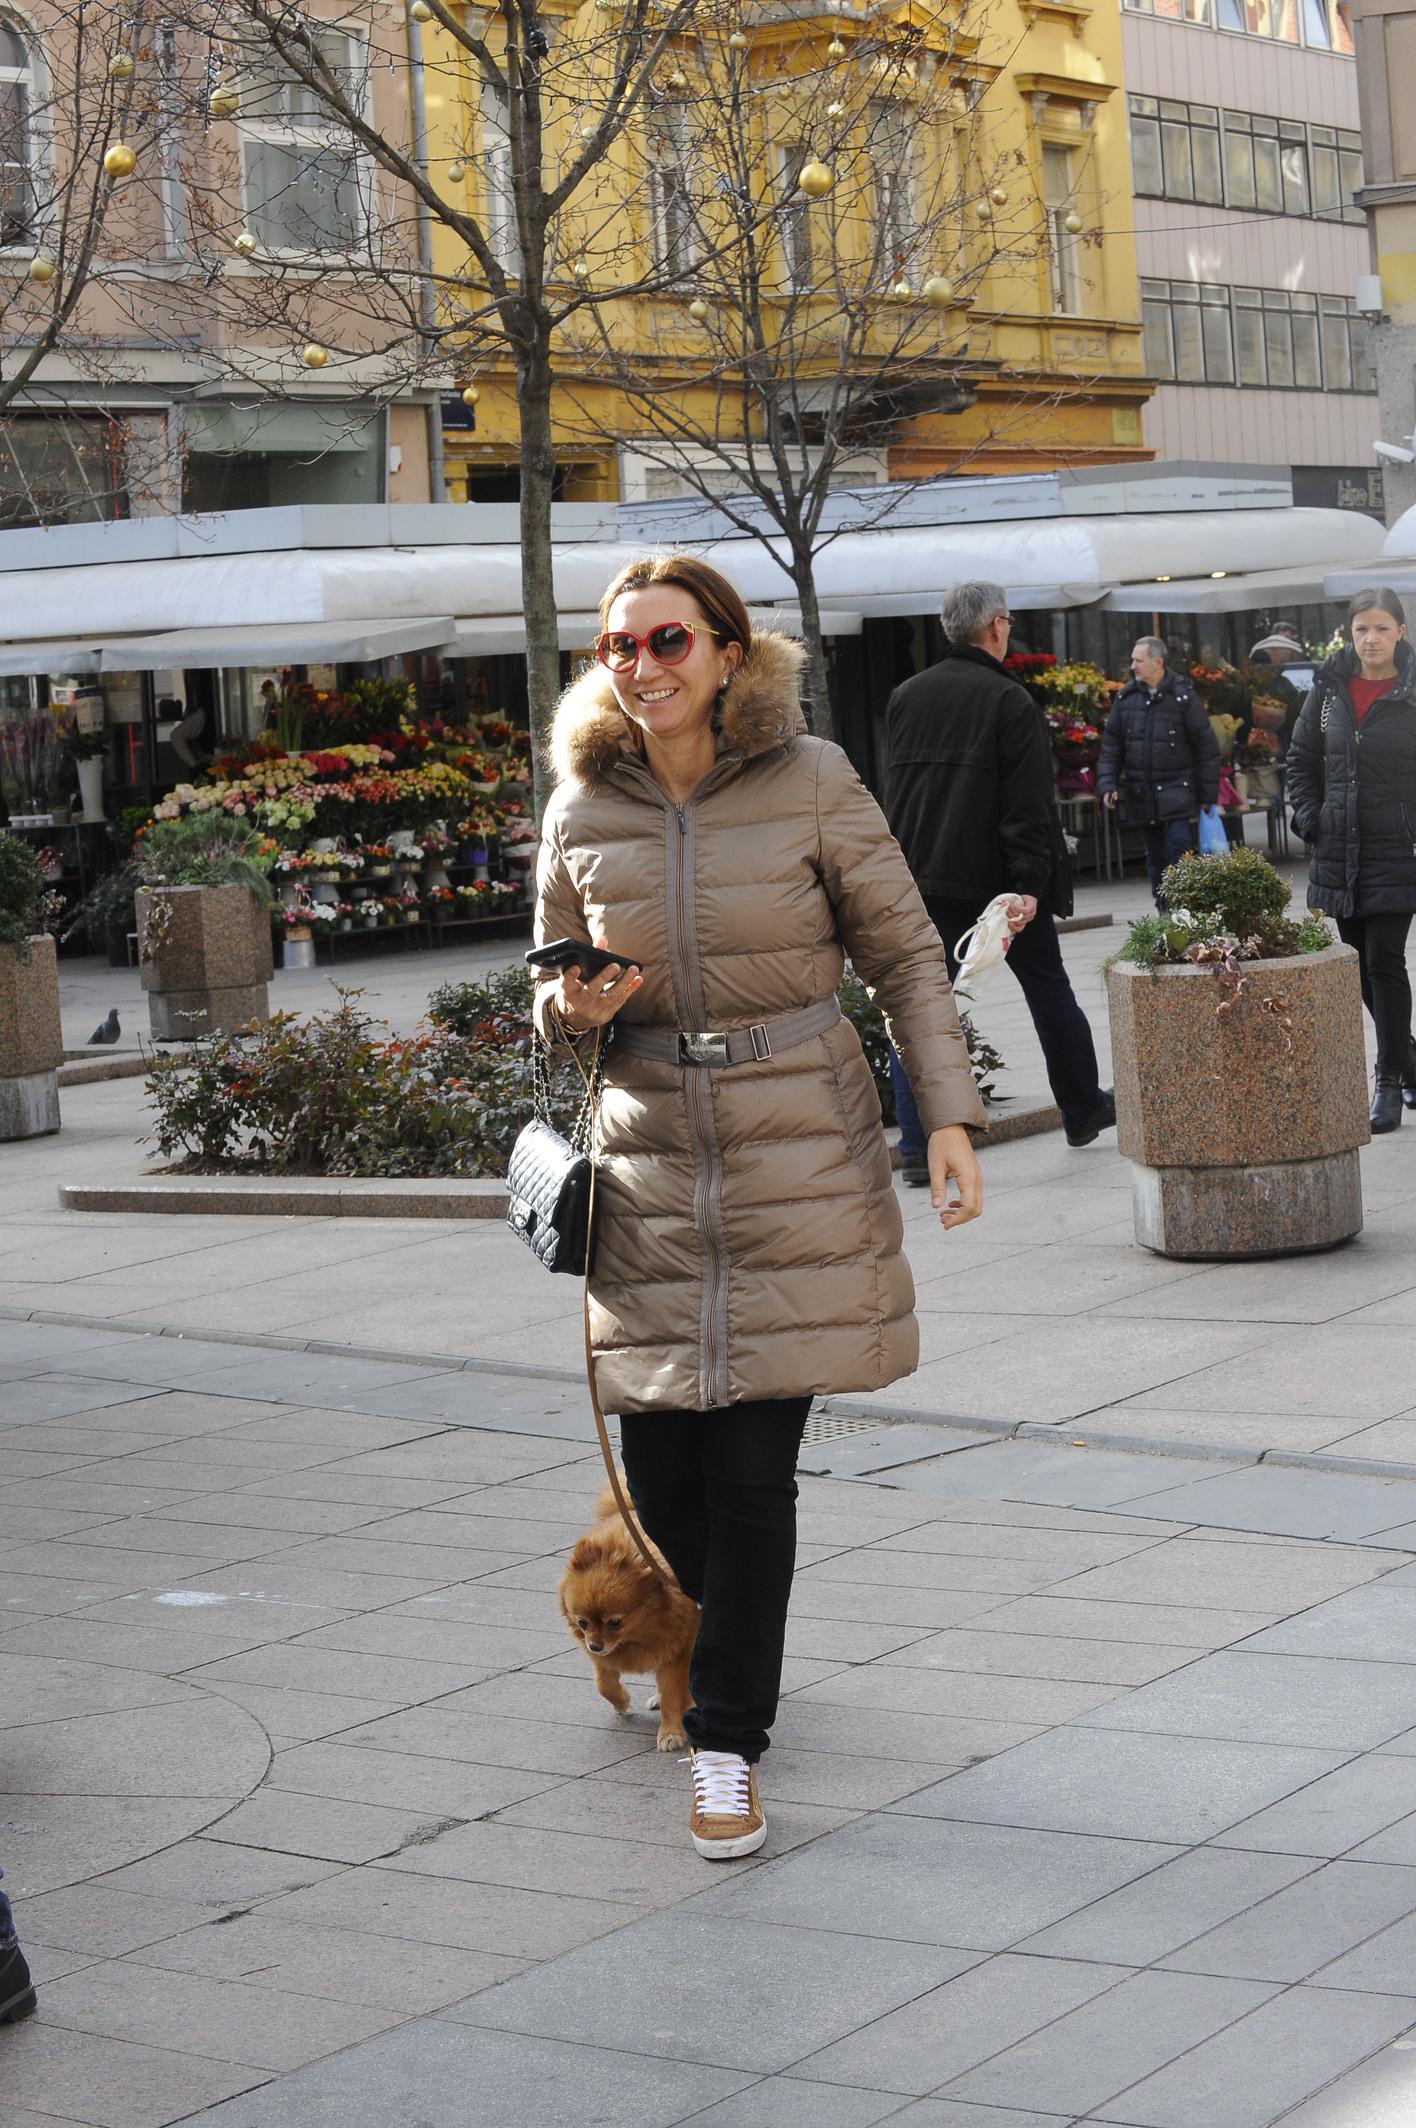 Spica / Zagreb 17.01.2019. / foto: Maja Jurovic / Iva Majoli i pas Lady